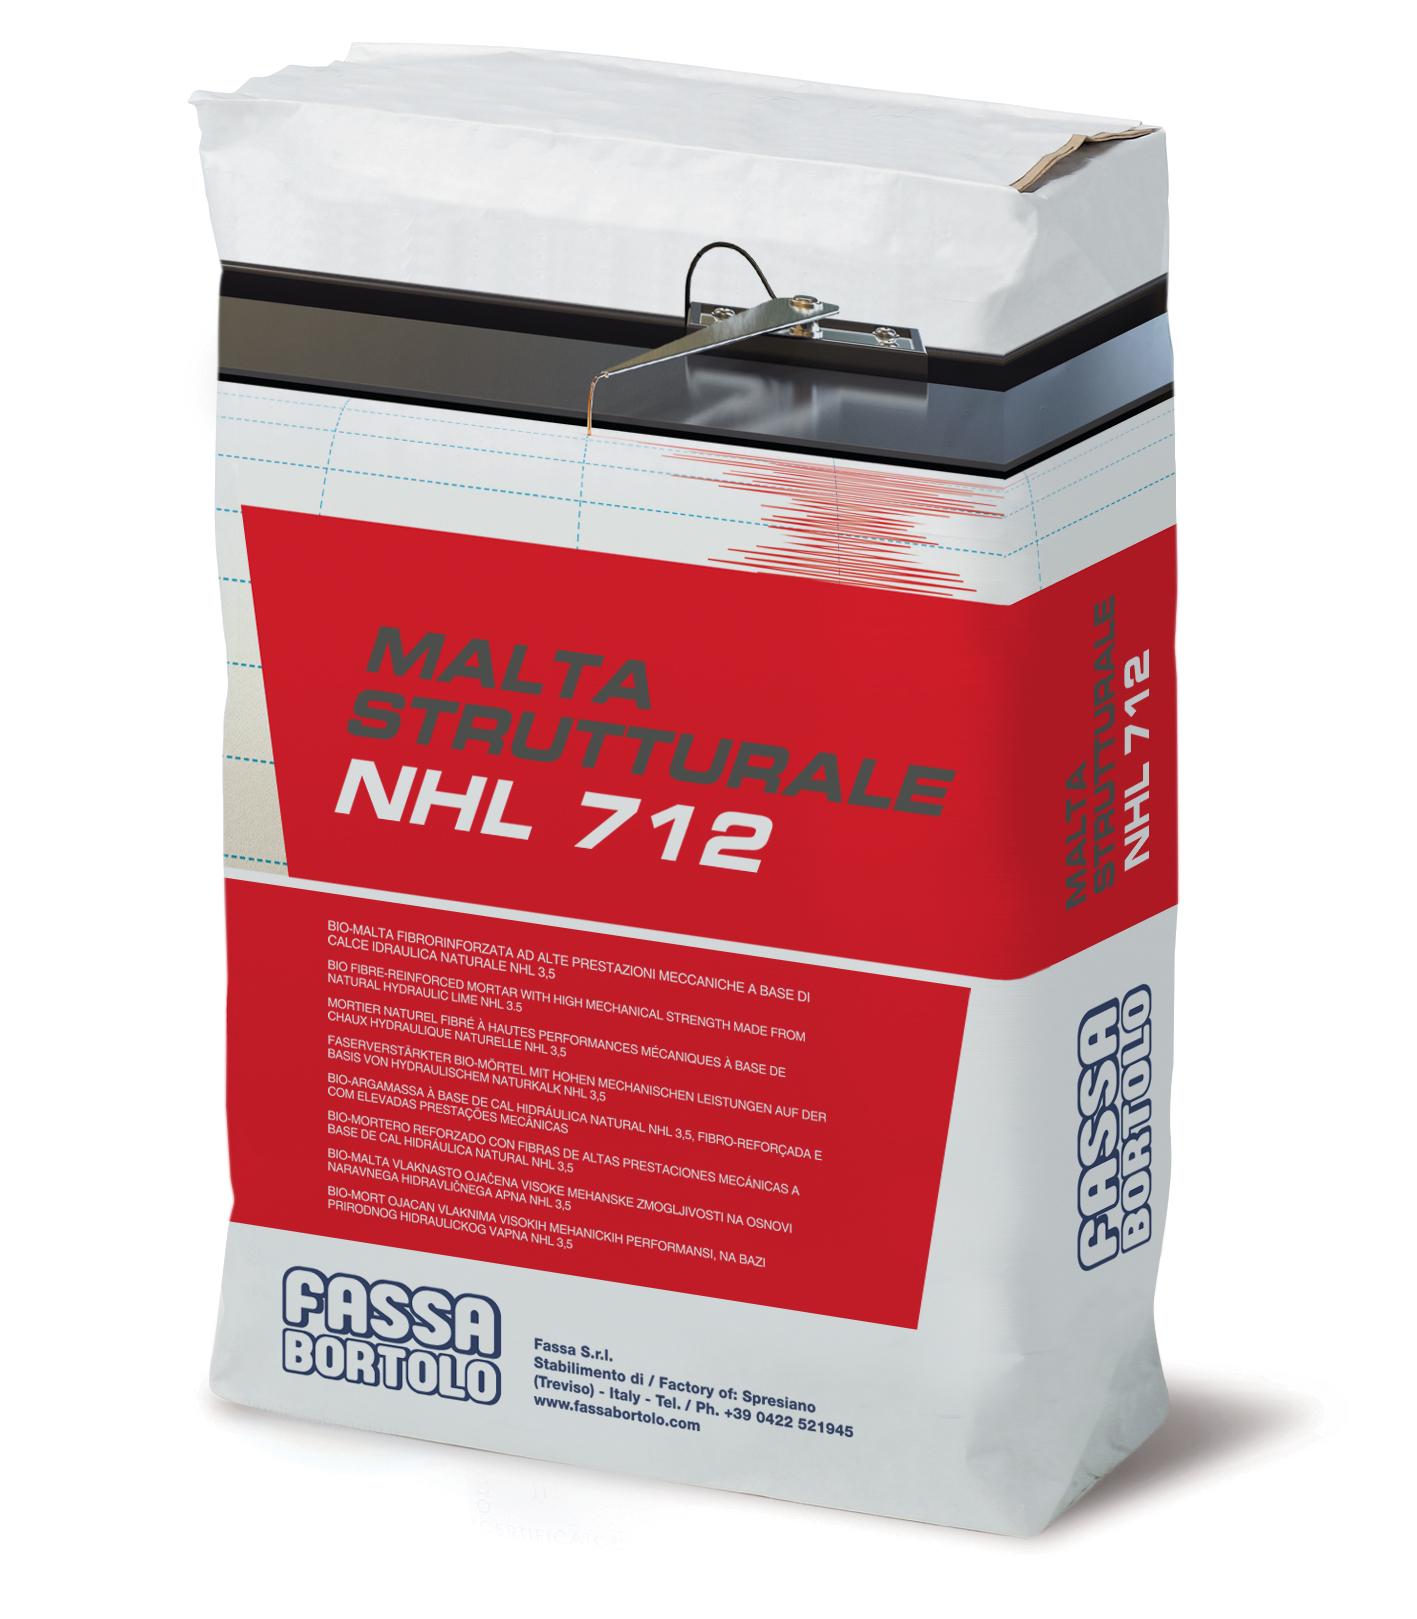 ARGAMASSA ESTRUTURAL NHL 712: Bio-argamassa fibro-reforçada e com elevadas prestações, à base de cal hidráulica natural NHL 3,5, para interior e exterior